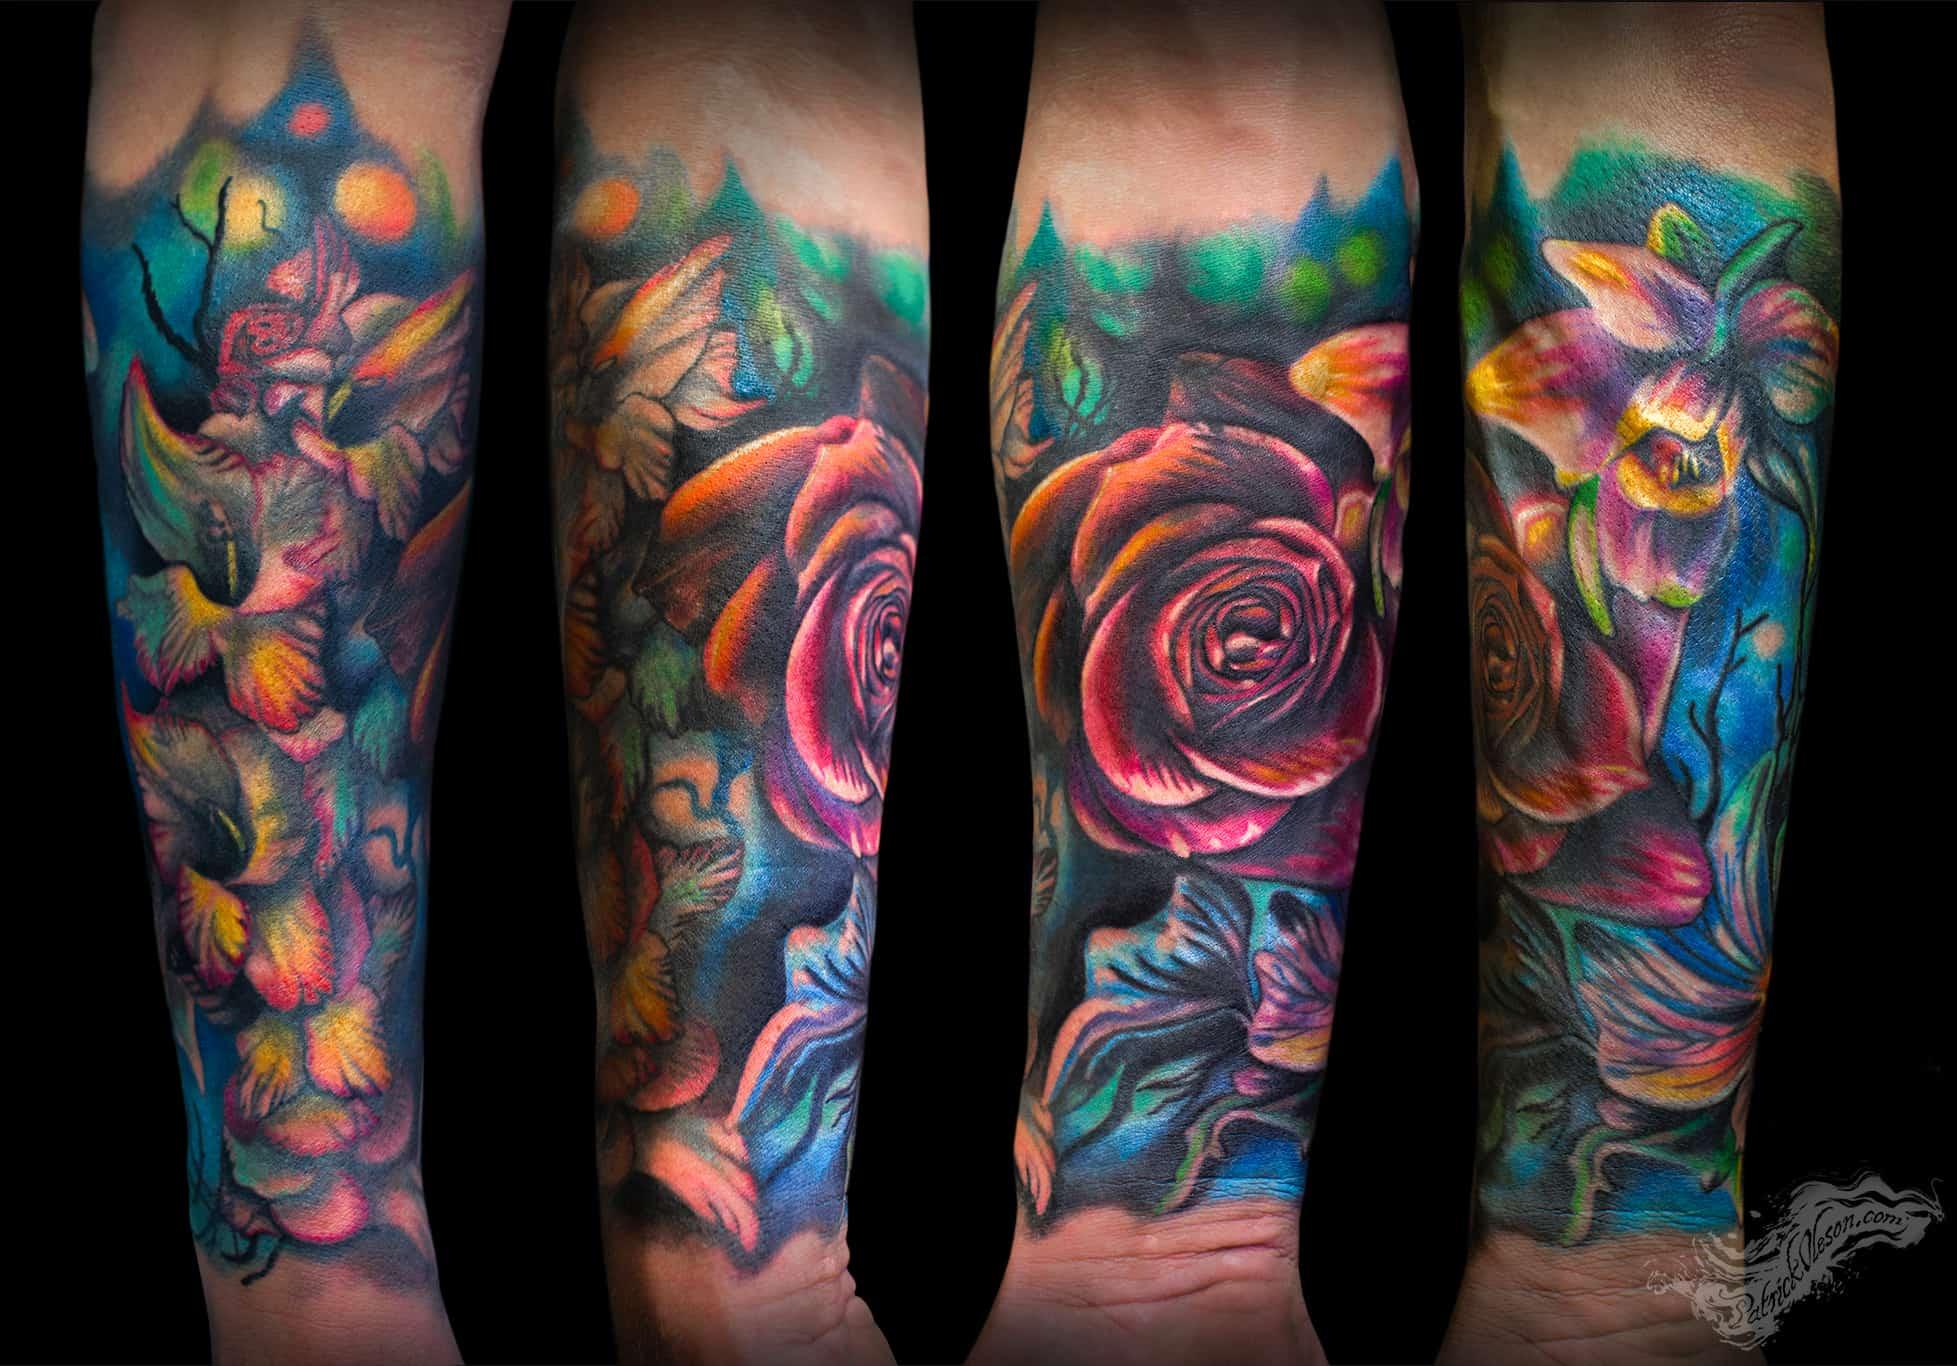 Green fox tattoo realistic tattoo shop in omaha ne for Tattoo shops in omaha ne